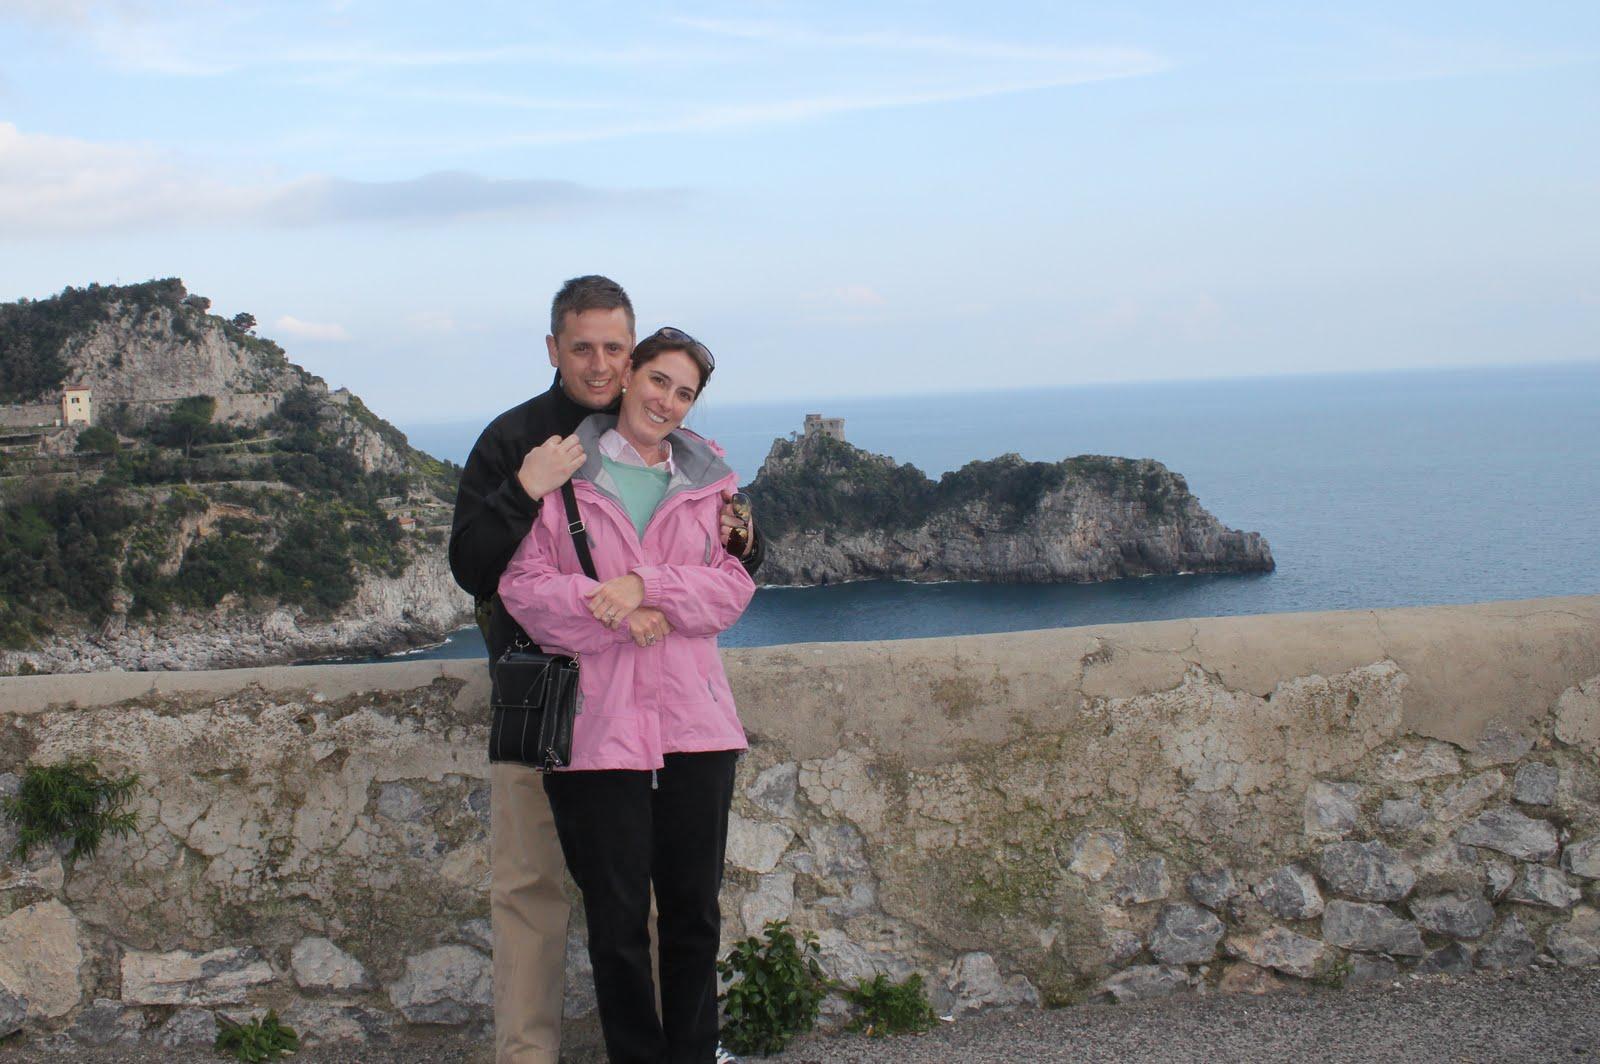 http://1.bp.blogspot.com/-xjwvCxB4BNg/Tagso3JnH0I/AAAAAAAAA_c/XBbPBHiX7tA/s1600/Amalfi+Coast%252C+Nathan+and+Stephanie.JPG